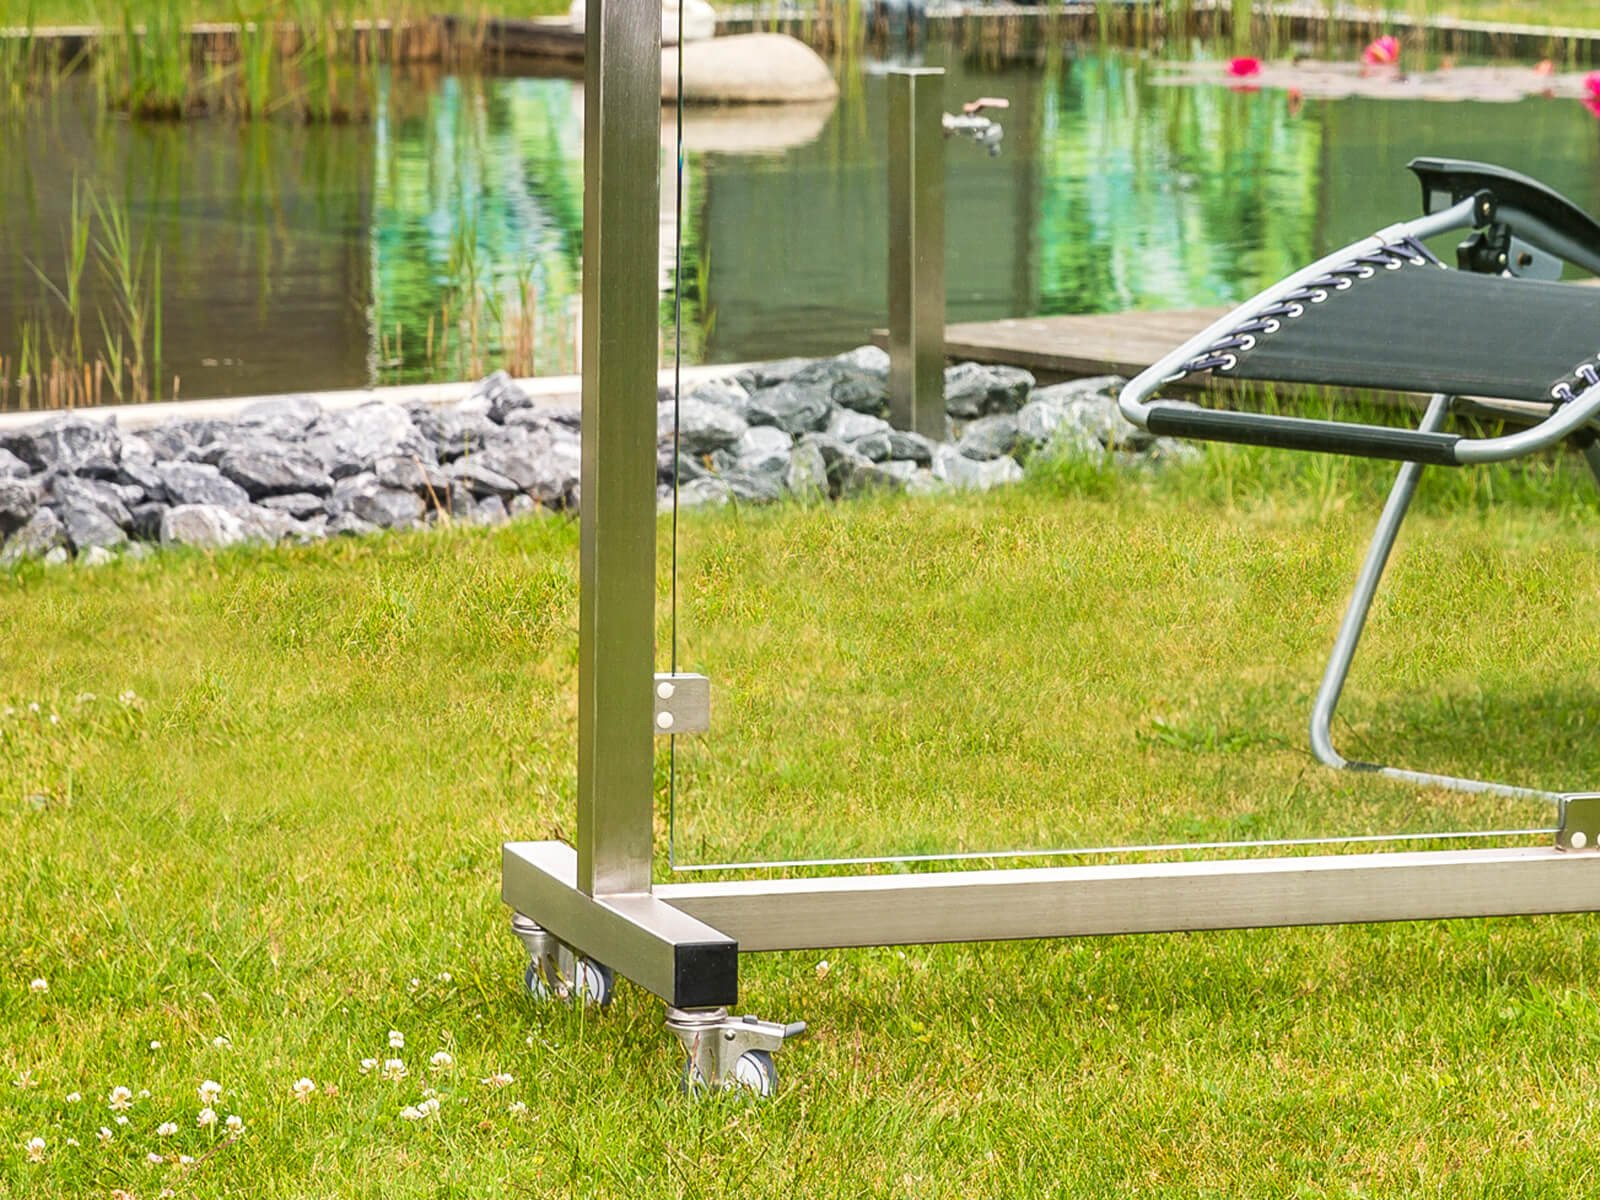 windschutz-sichtschutz-mobil-freistehend-und-beweglich-auf-rollen-idealer-einsatz-fuer-alle- aussenbereich